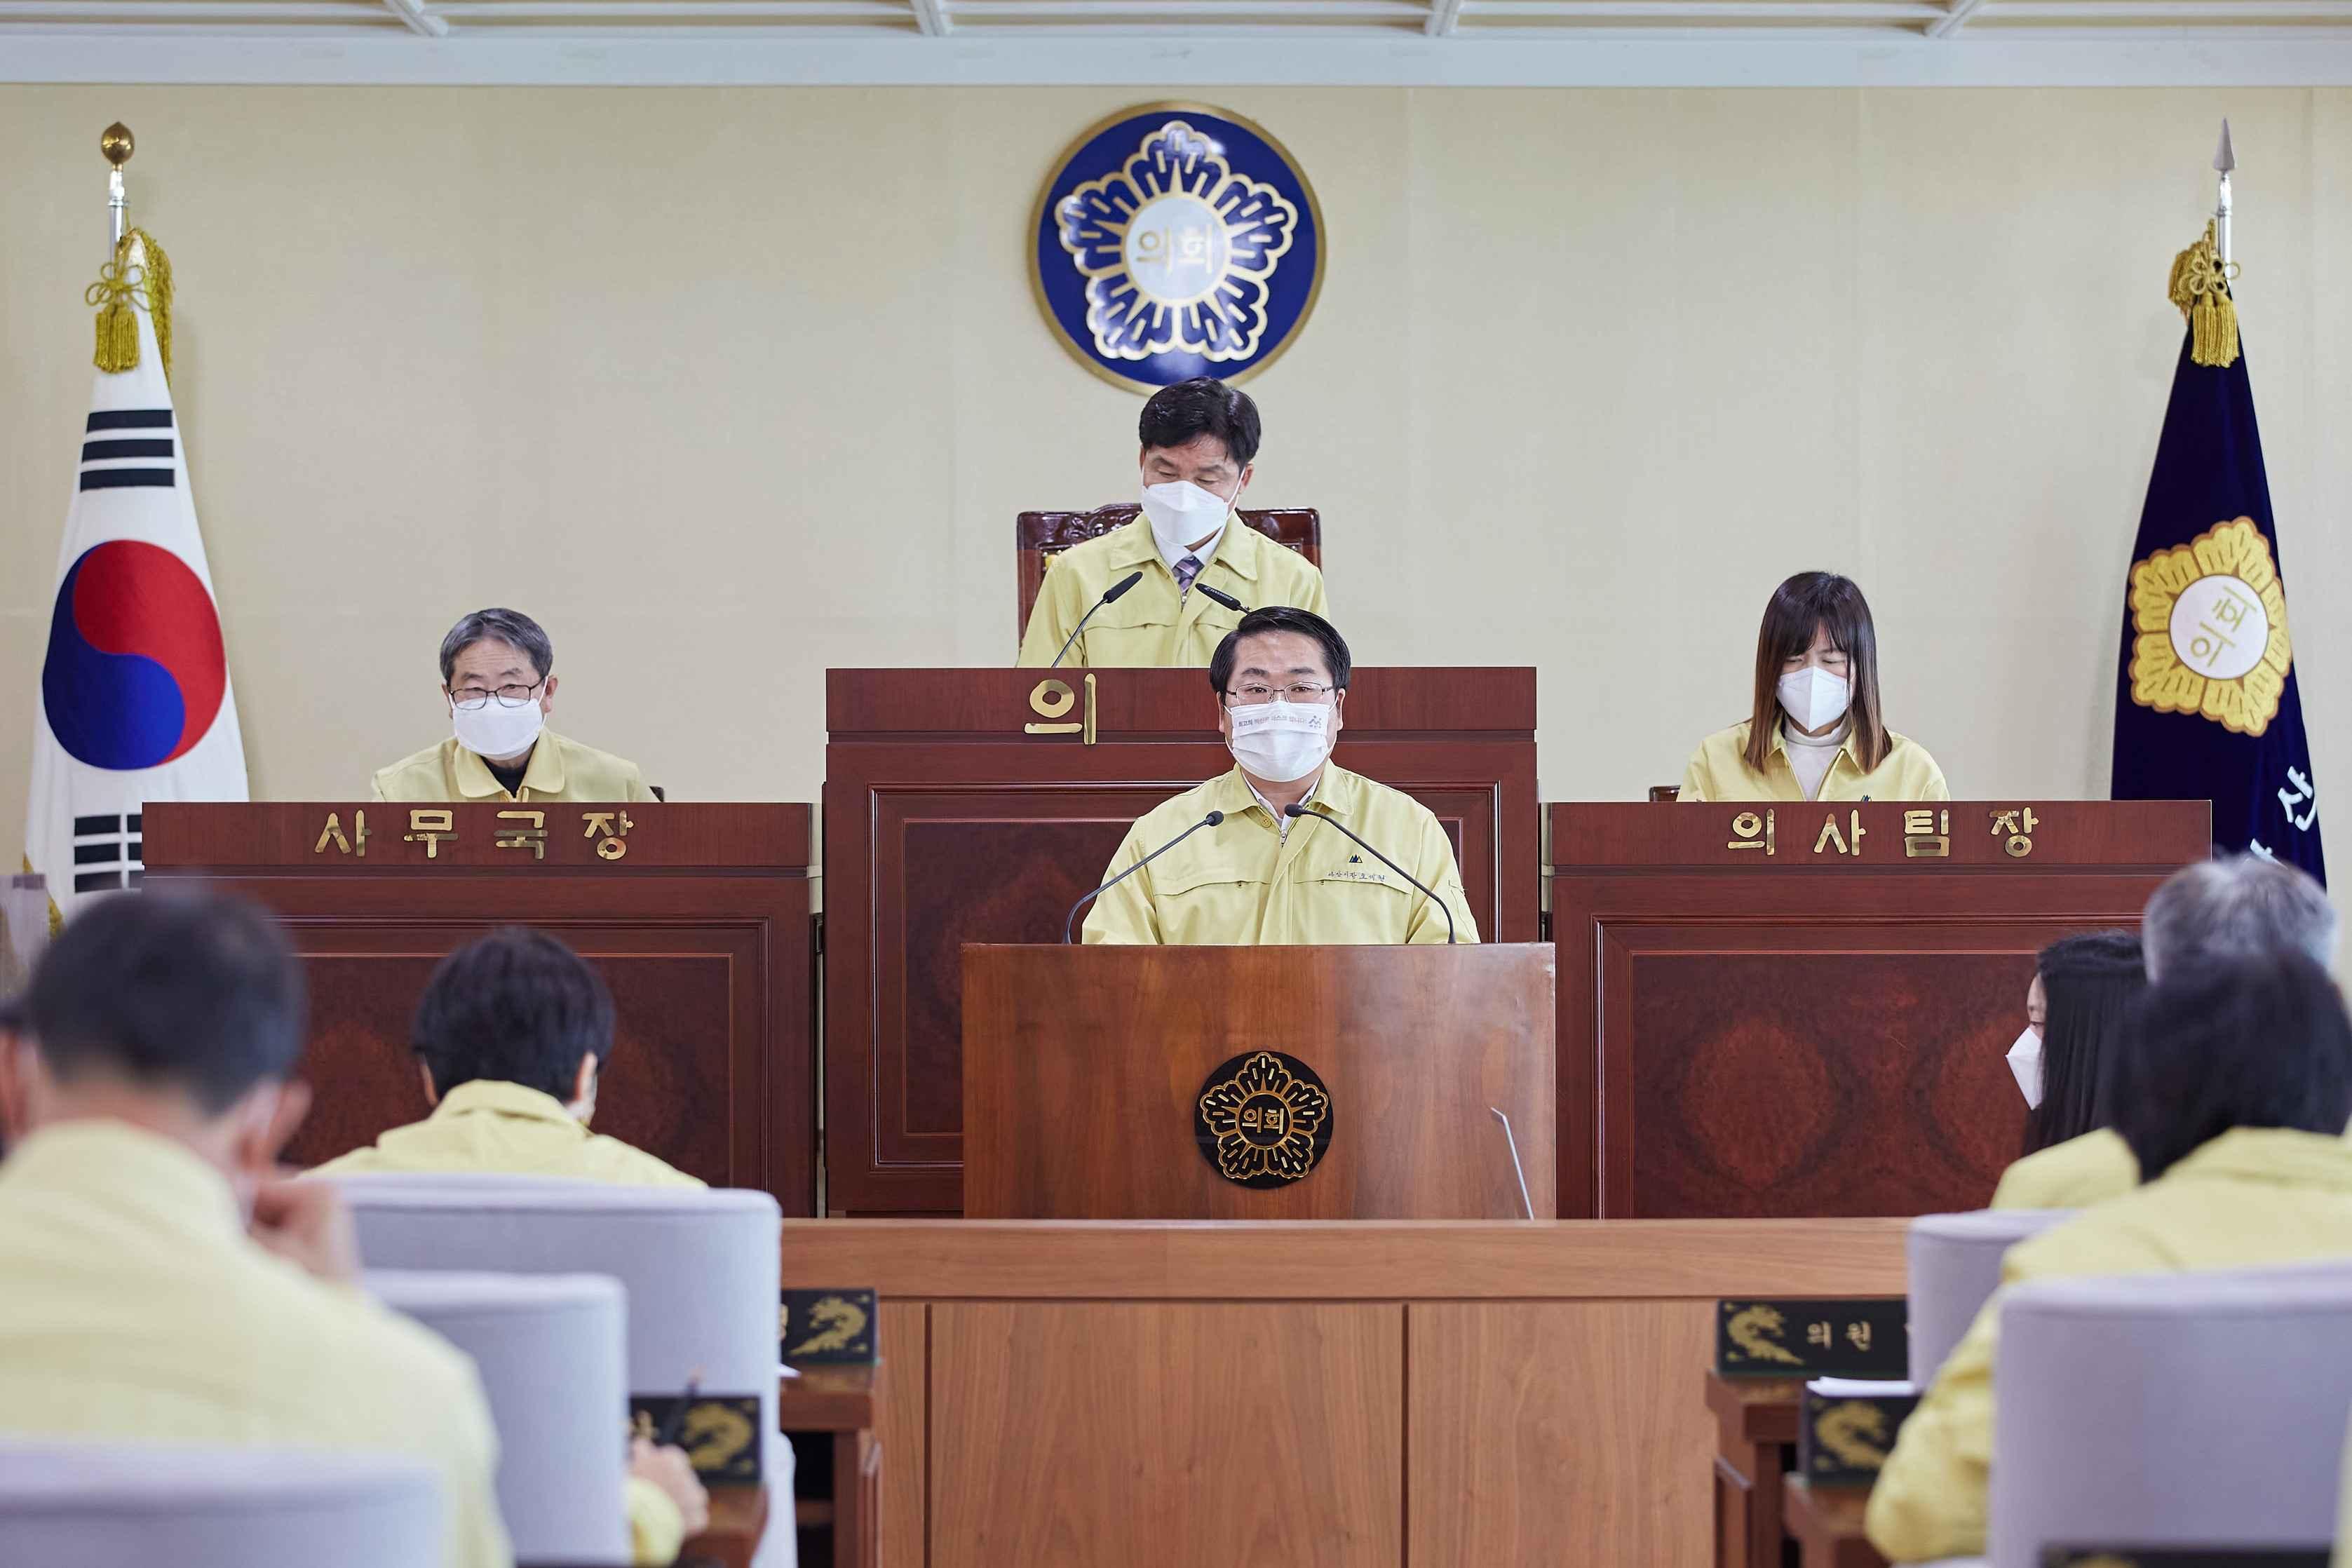 2020.11.25.의회 본회의 2021년도 시정연설